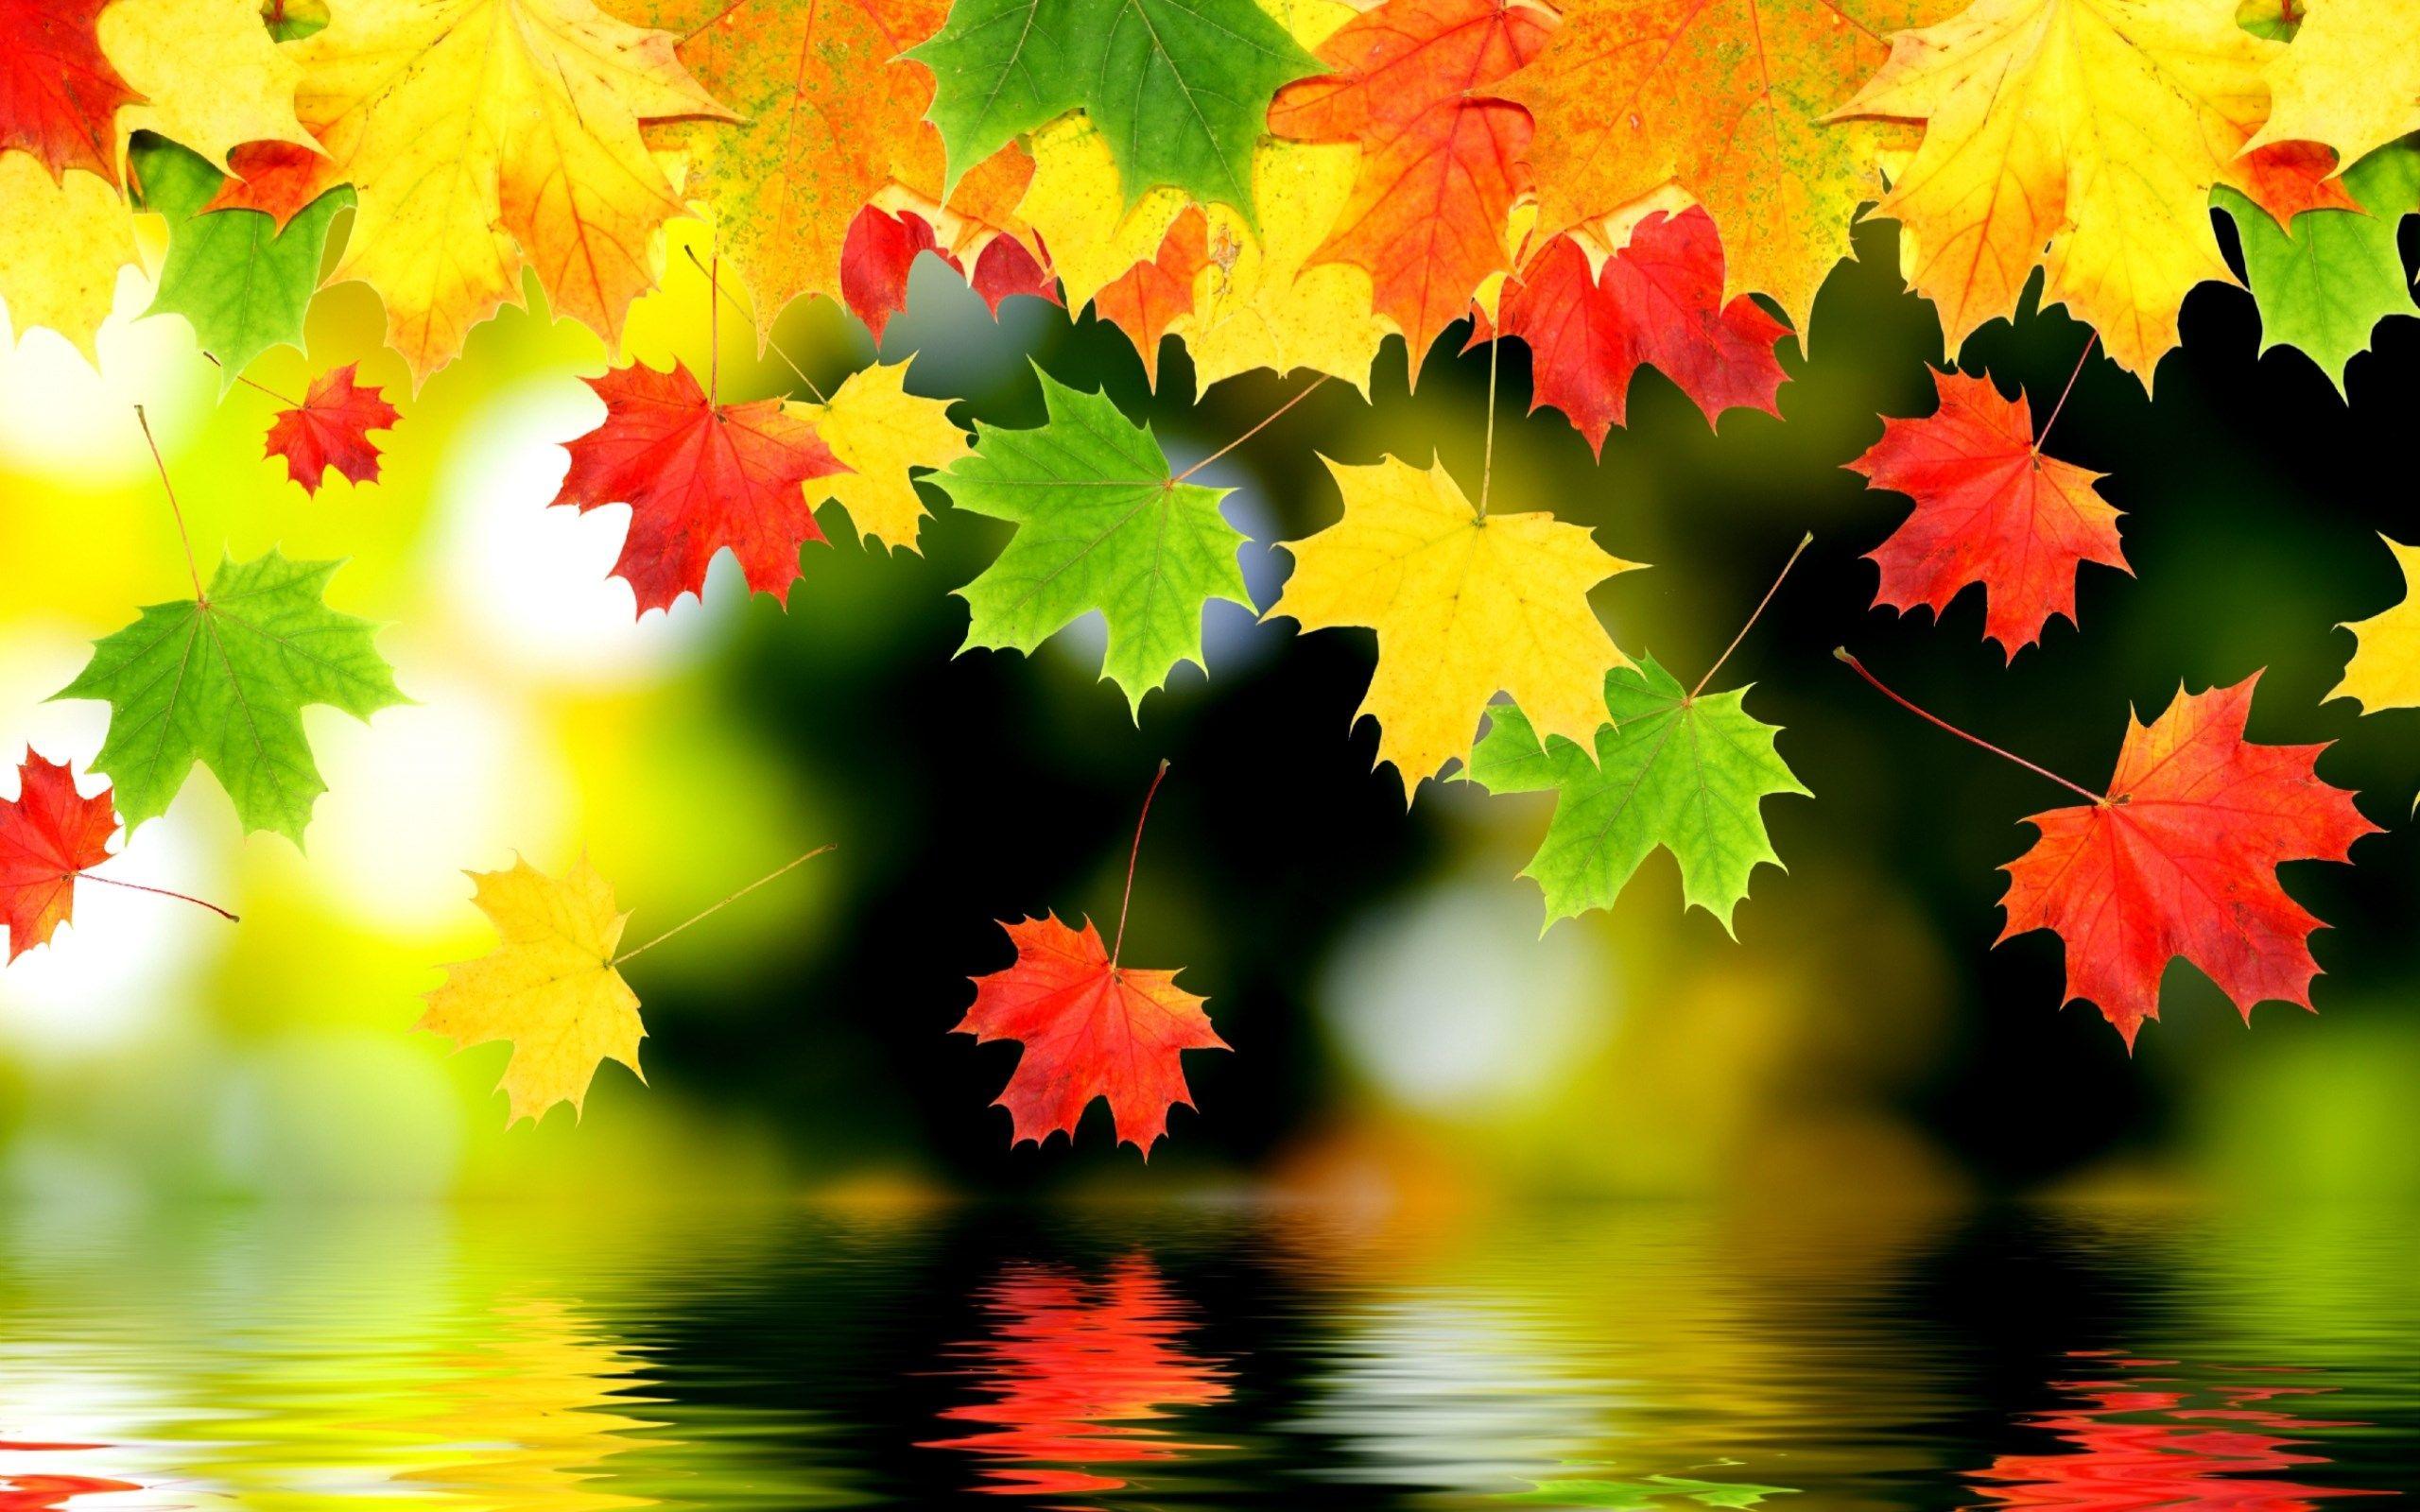 Картинки про осень для презентации, днем марта